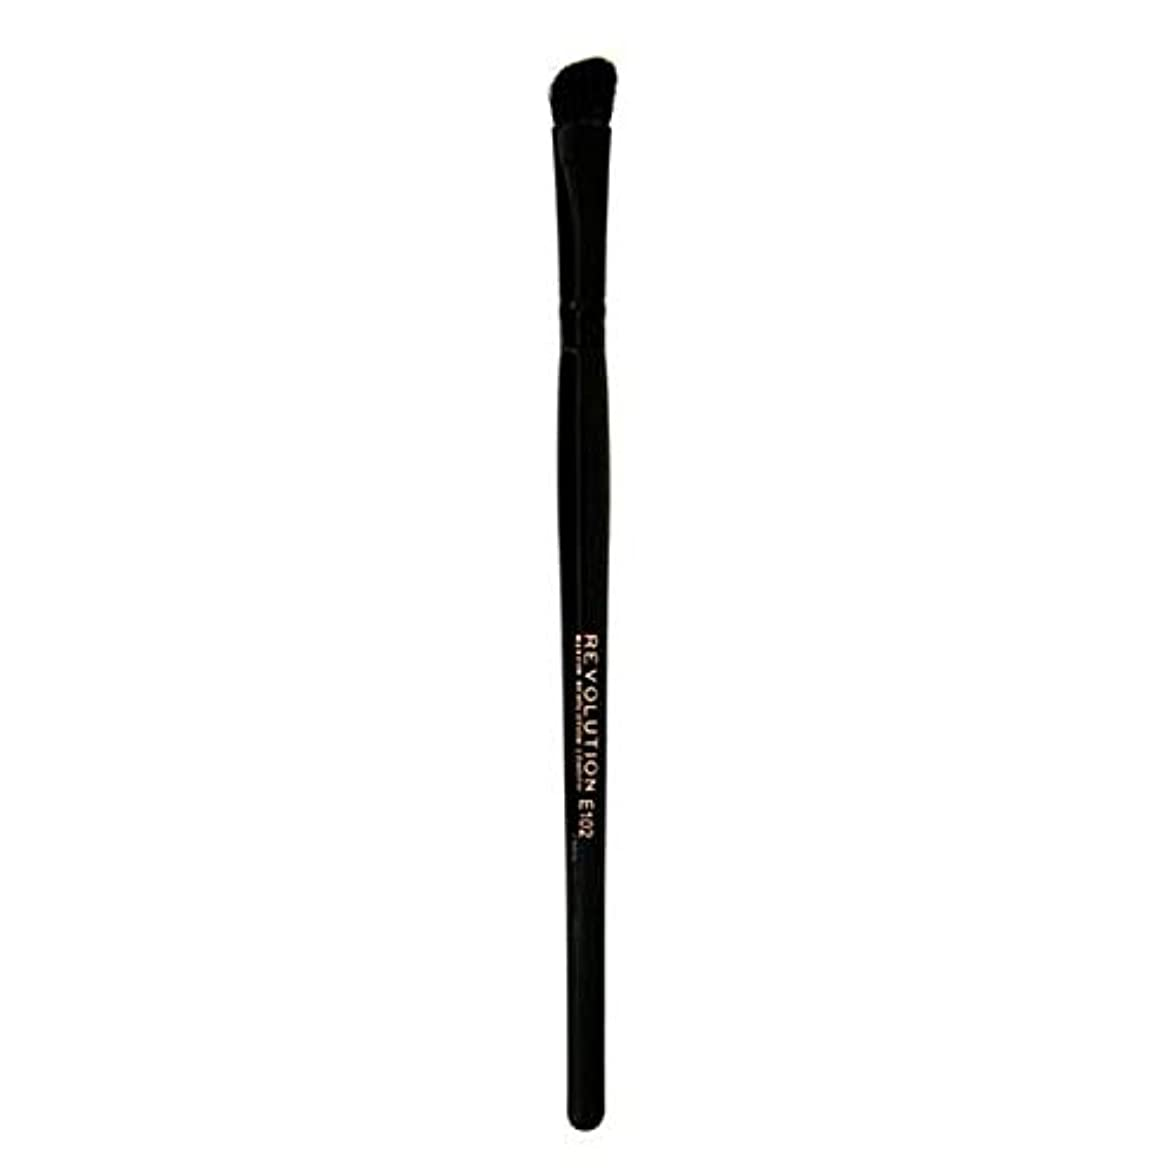 するだろうツール誓い[Revolution ] 革命プロE102アイシャドウの輪郭メイクブラシ - Revolution Pro E102 Eyeshadow Contour Makeup Brush [並行輸入品]